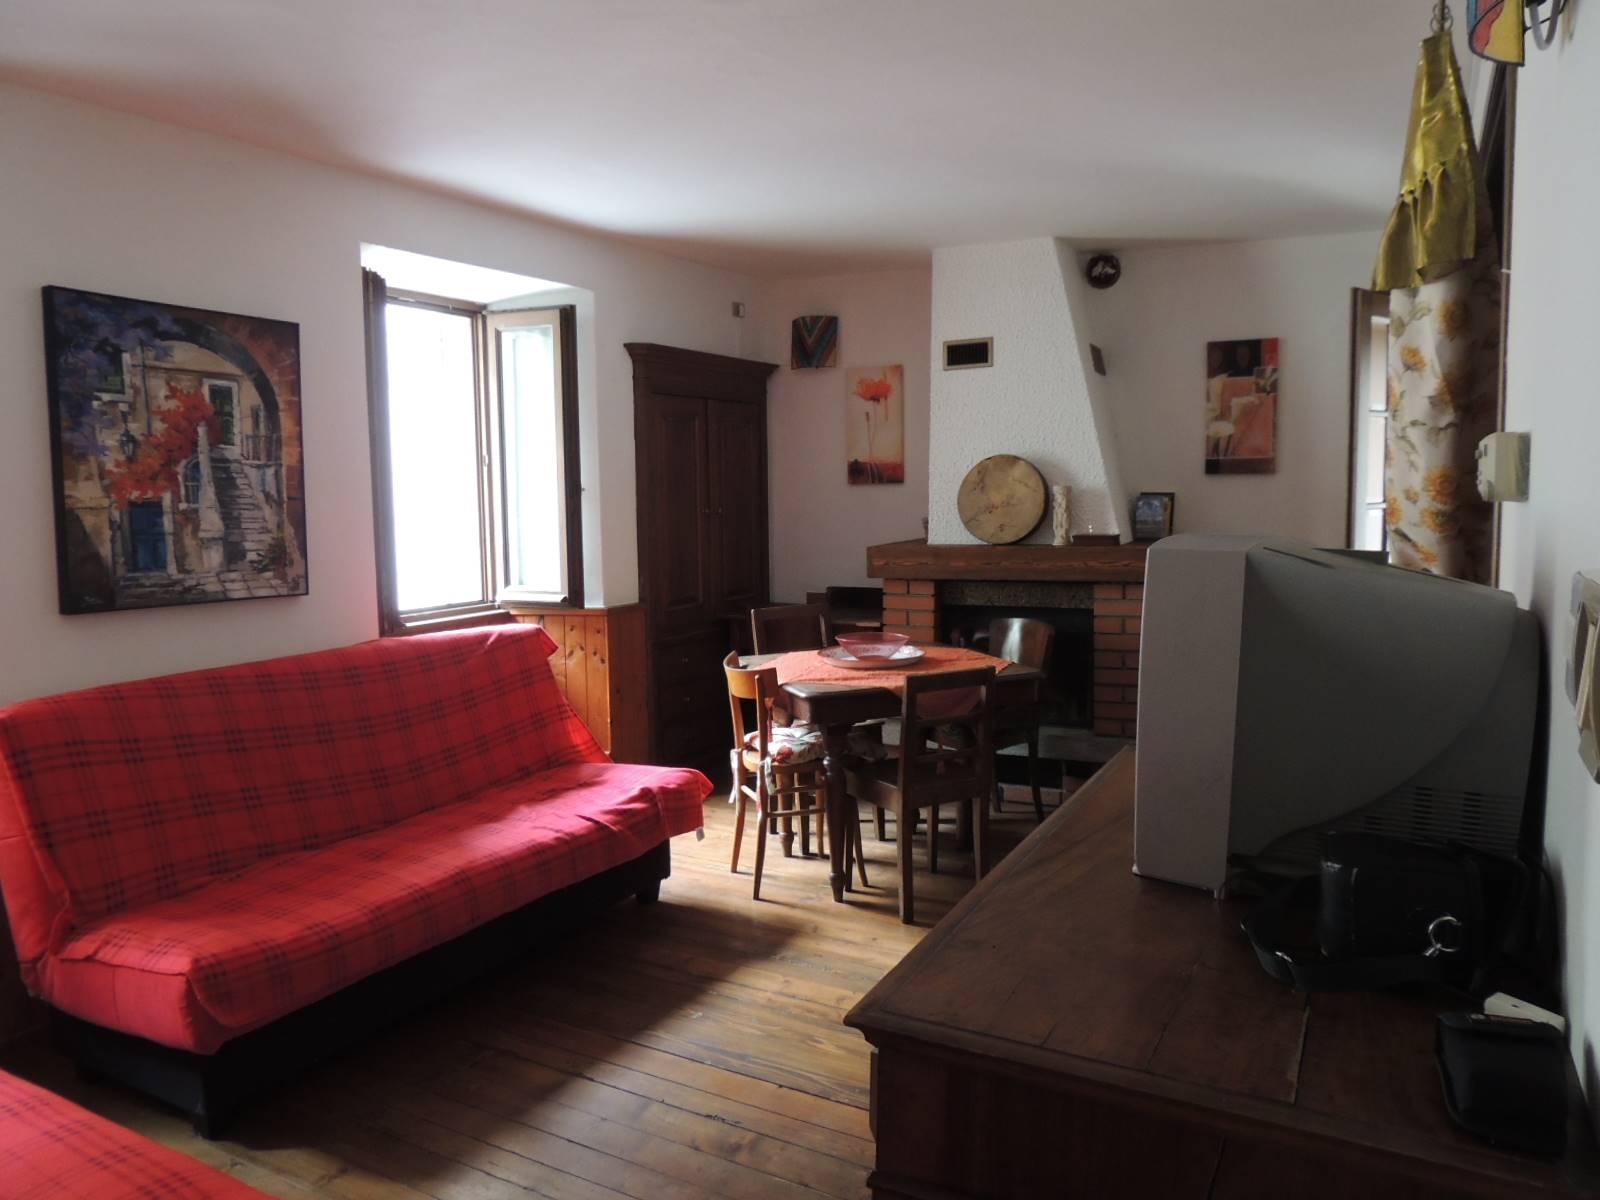 Appartamento in vendita a Malesco, 3 locali, prezzo € 79.000 | CambioCasa.it